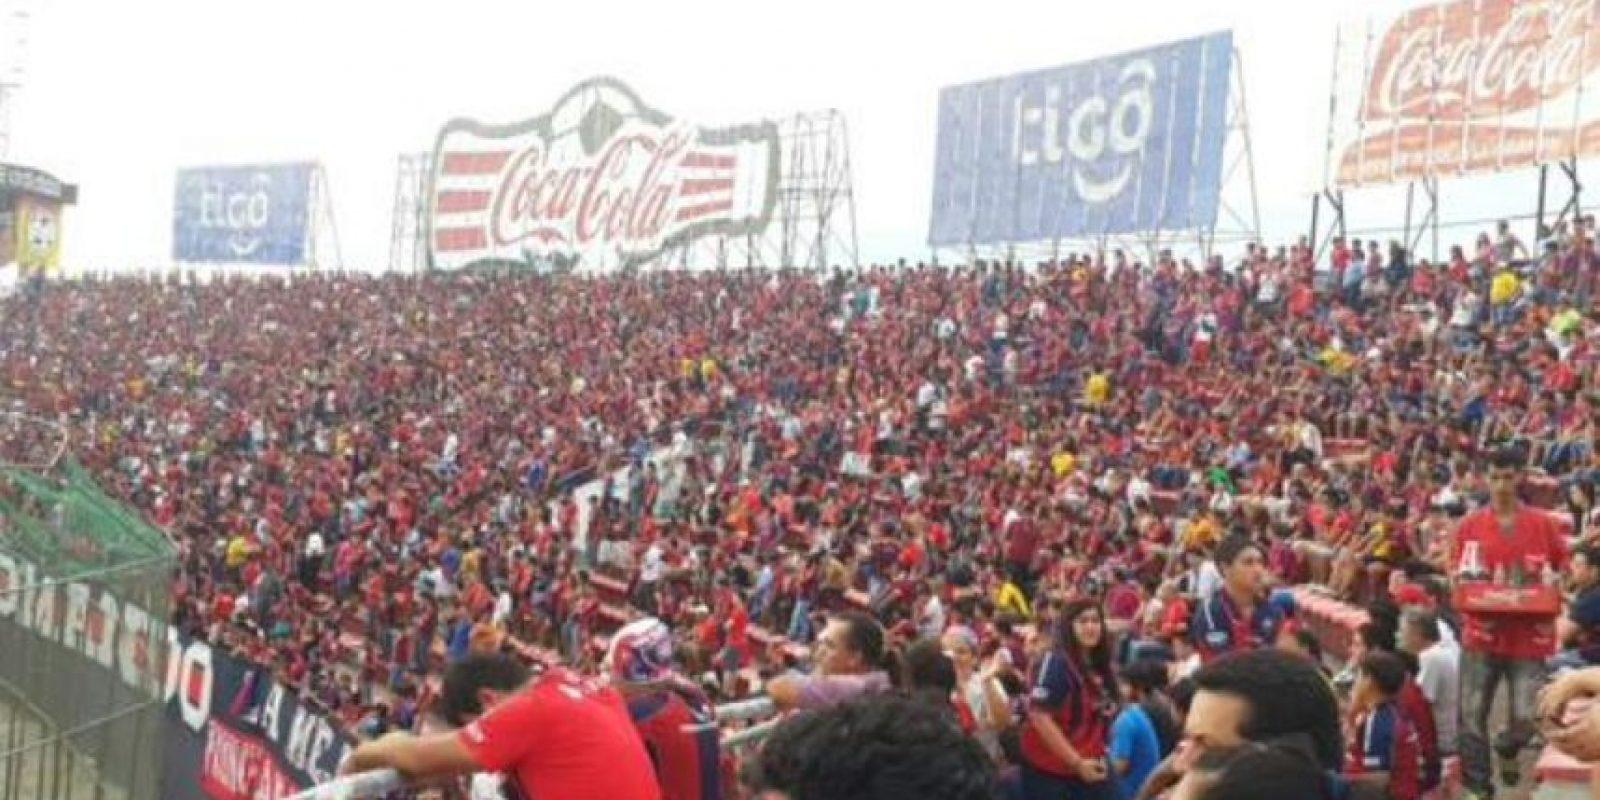 Eliminó al Cerro Porteño en su estadio, el Defensores del Chaco Foto:Twitter: @lexis_ivan